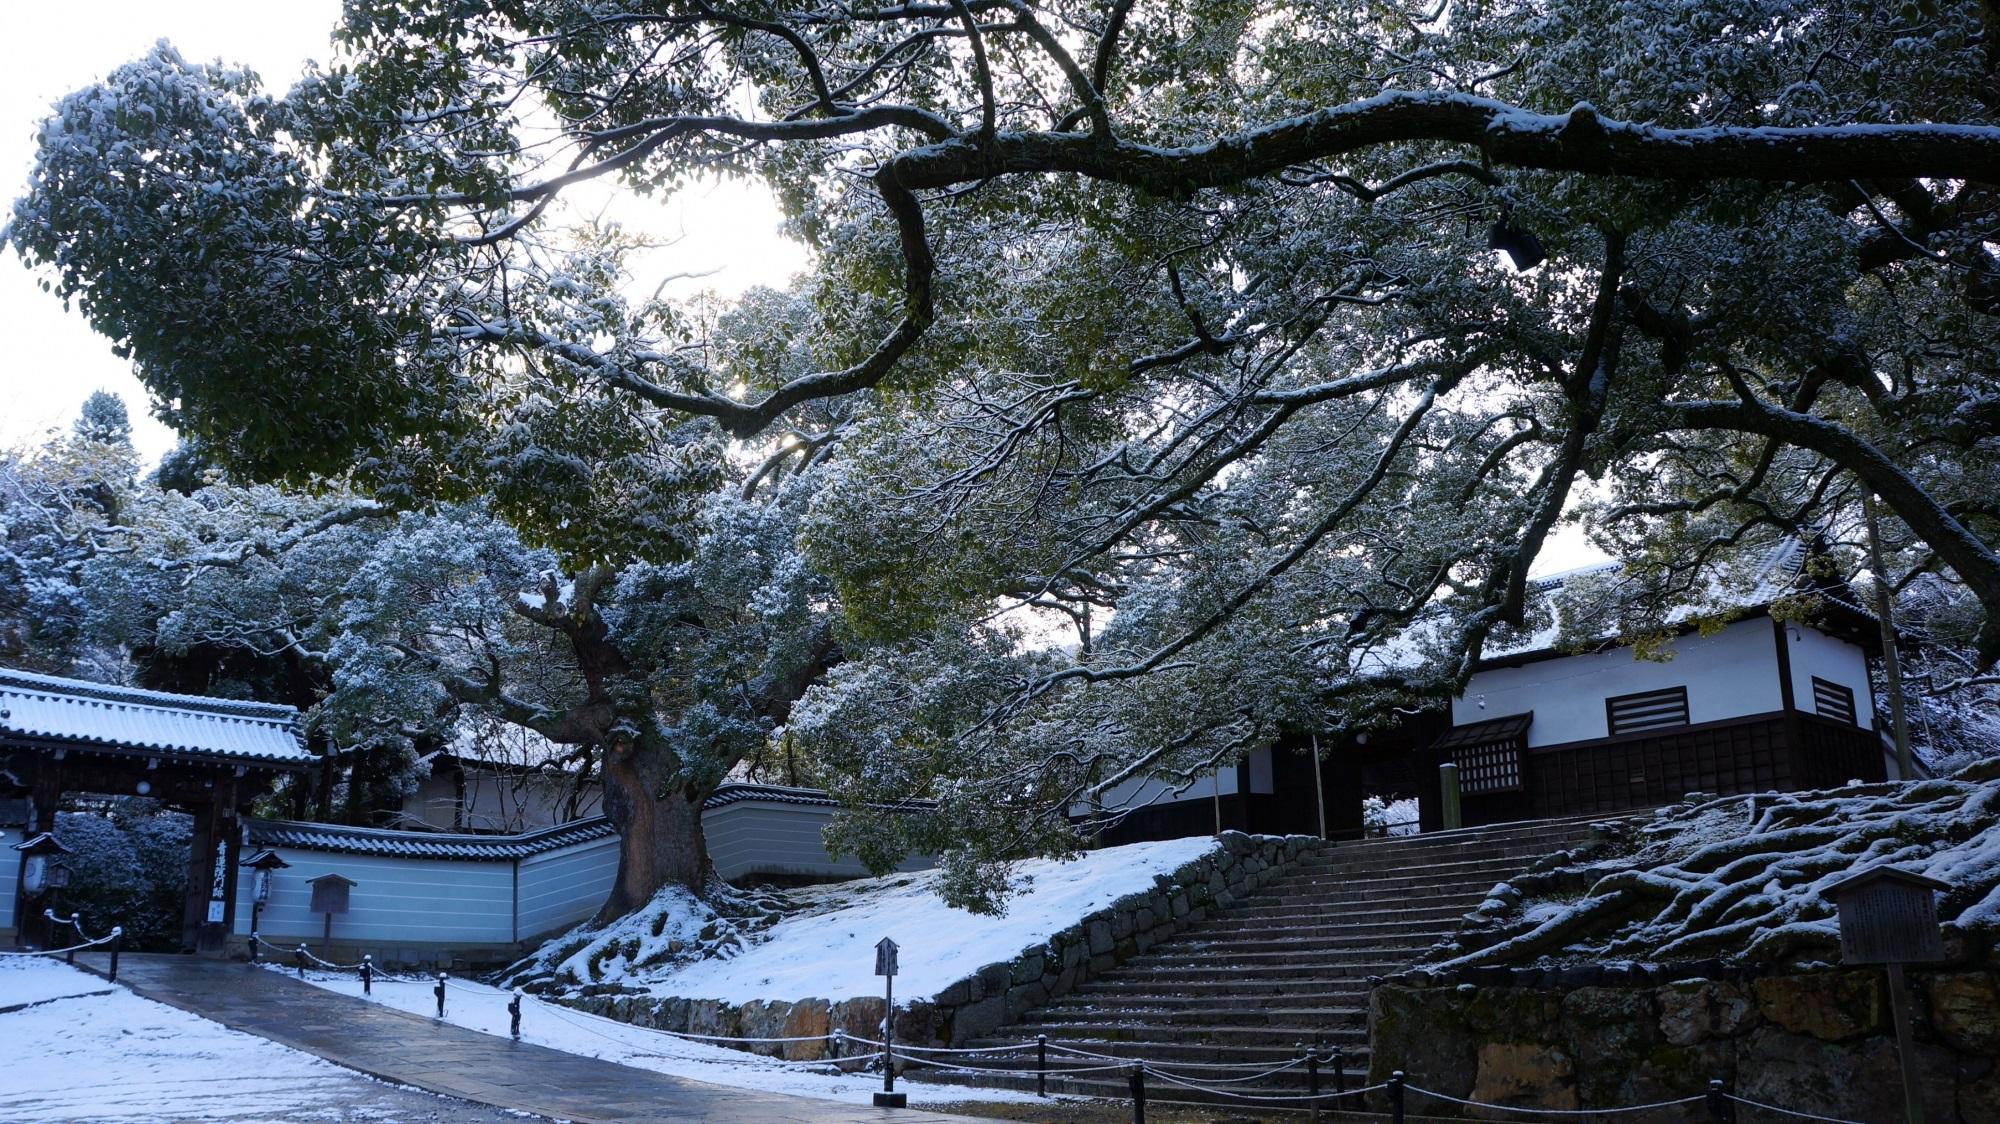 青蓮院 雪 白く染まった大きなクスノキ